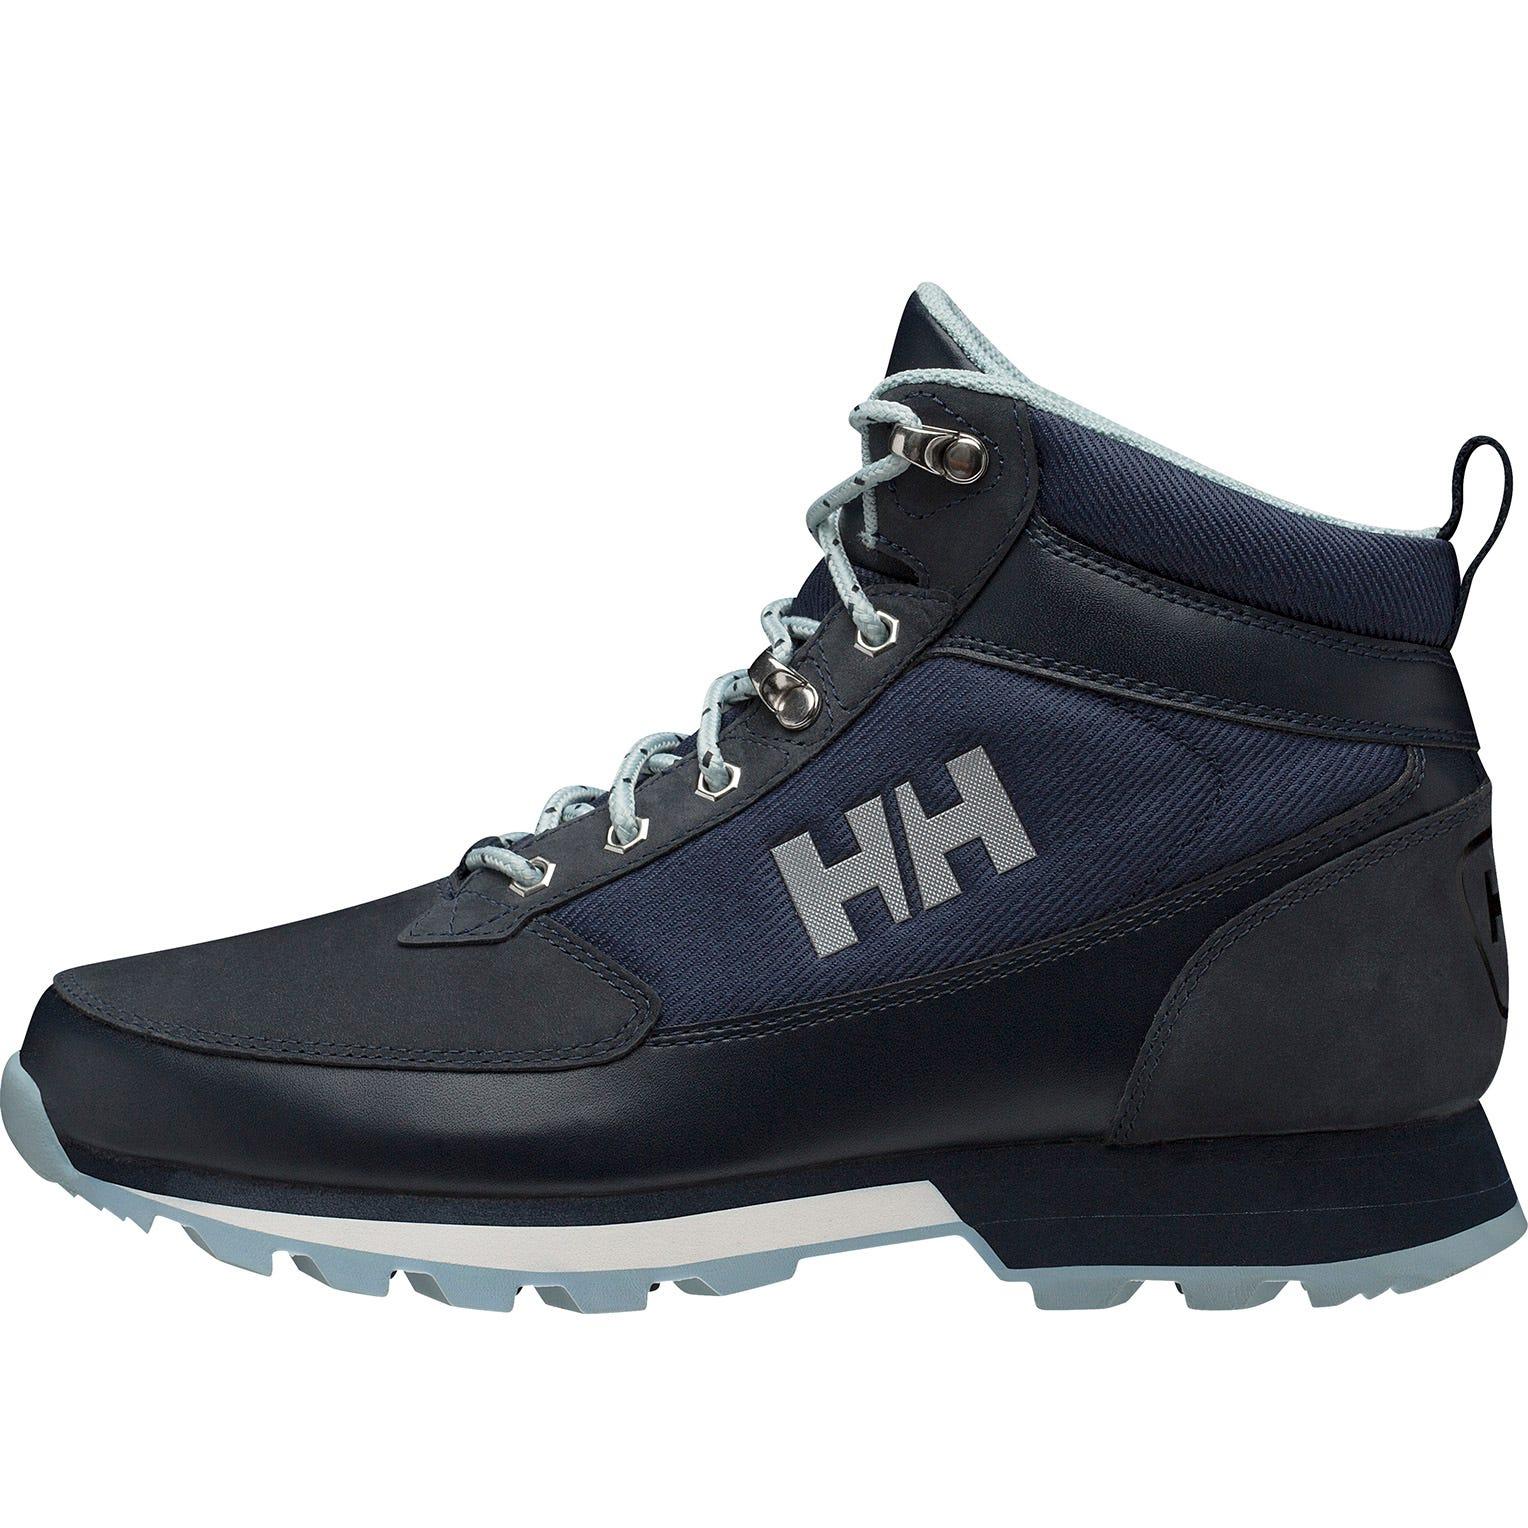 Helly Hansen W Chilcotin Womens Winter Boot Yellow 39.3/8